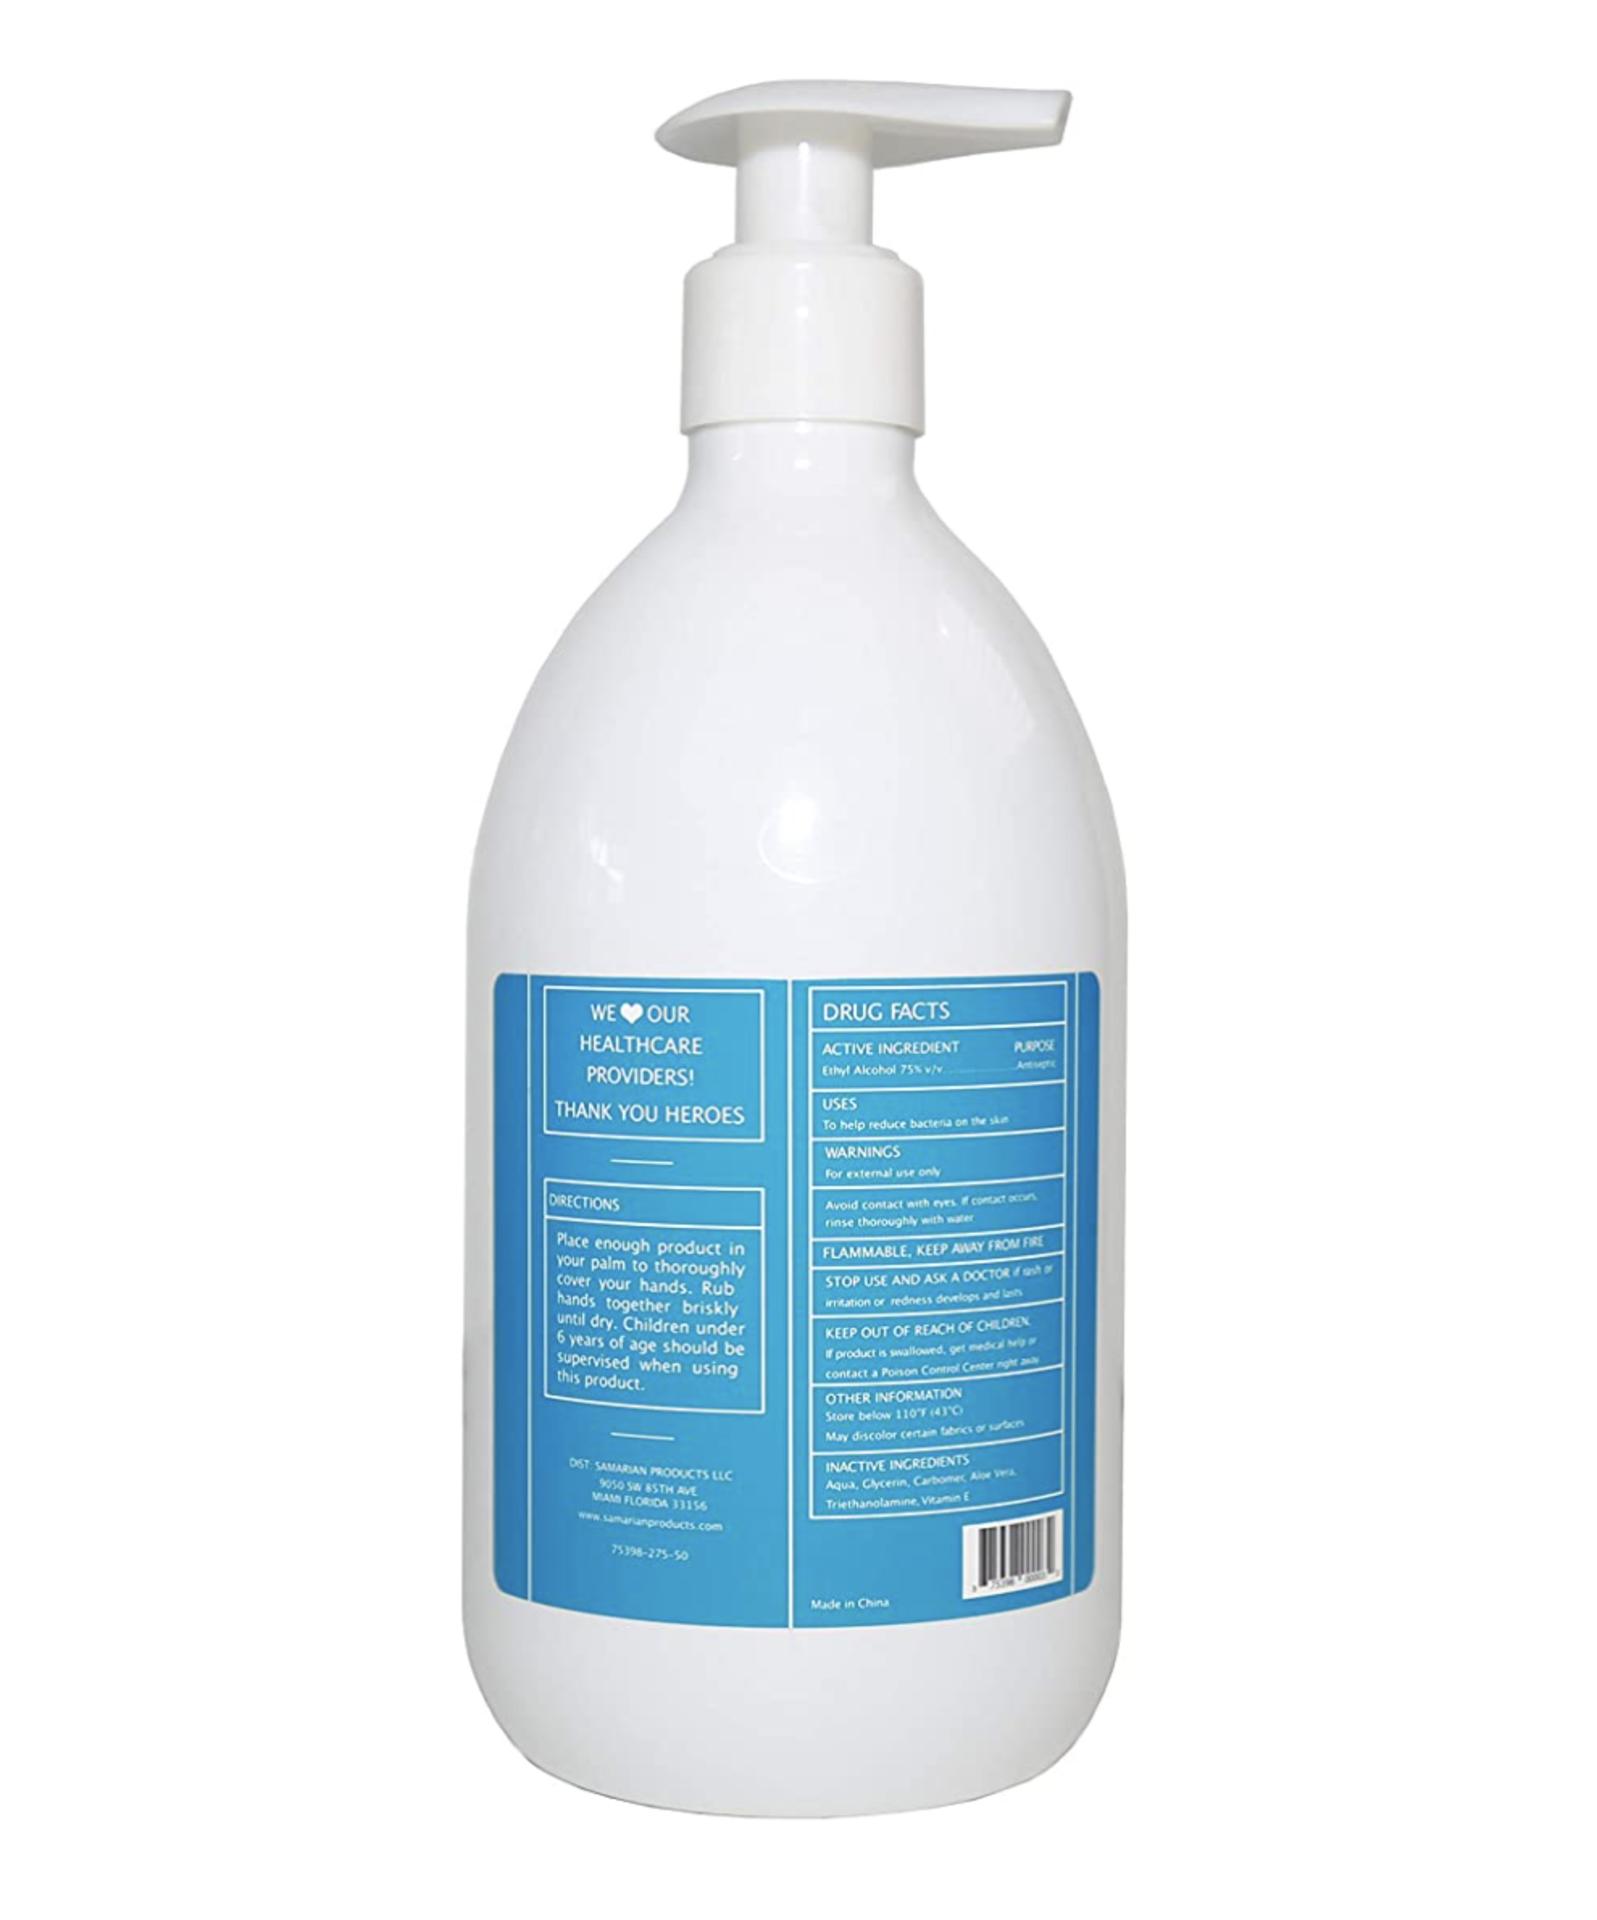 3,250 Bottles of H2One Pump Bottle Hand Sanitizer Gel, 500 ML, 16.9 OZ, 75% Alcohol Based (Ethanol) - Image 4 of 4